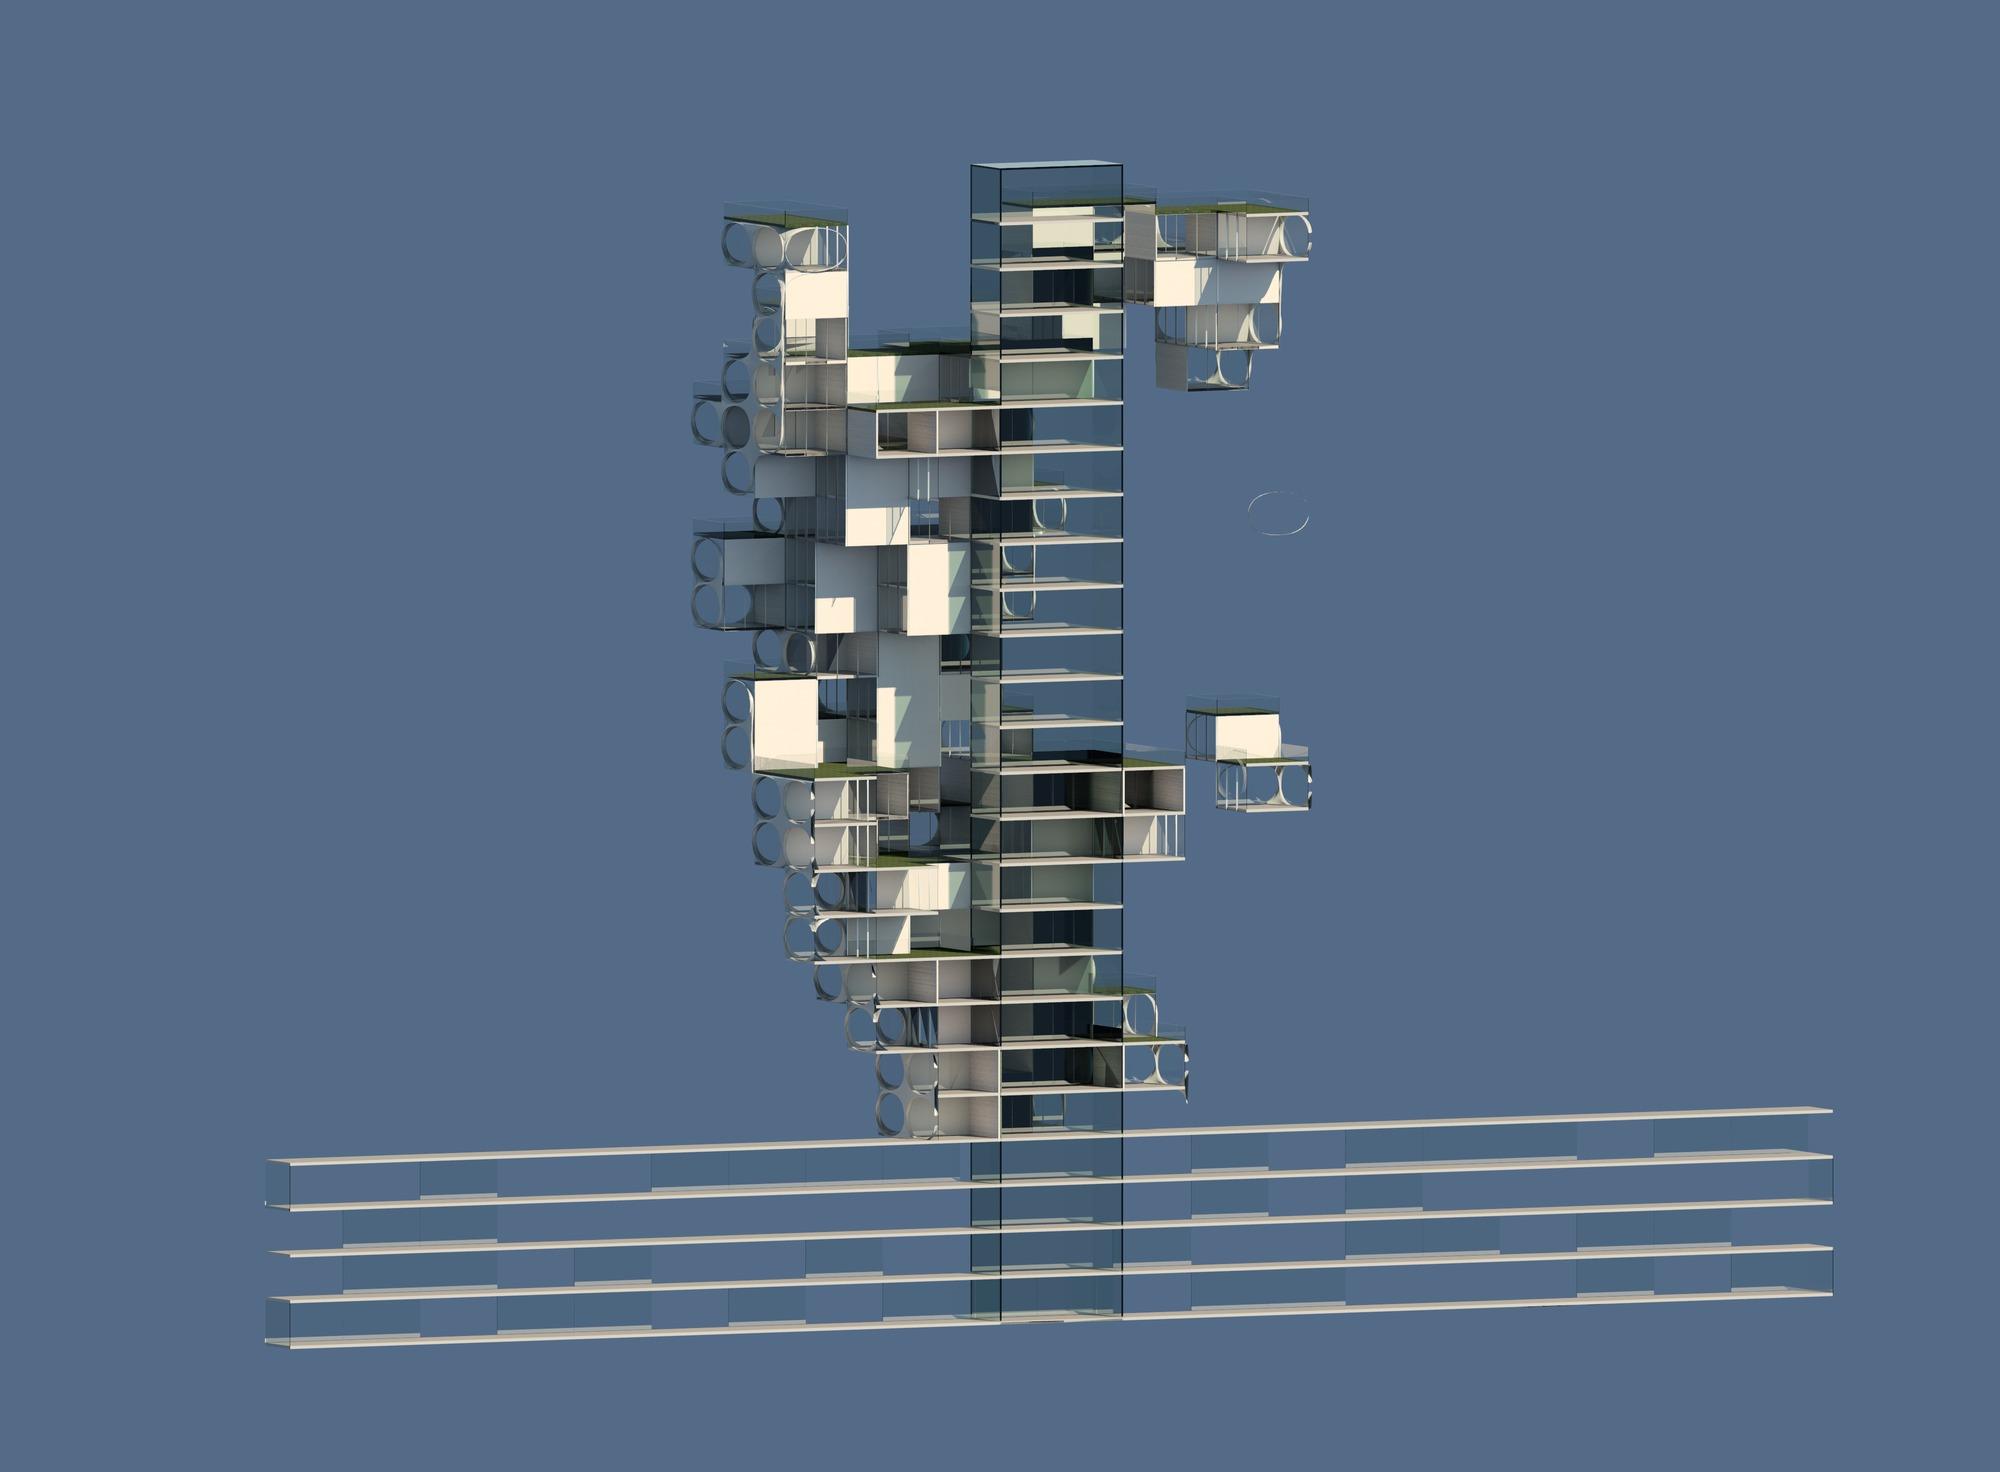 Raas-rendering20150424-22814-1klxpgr